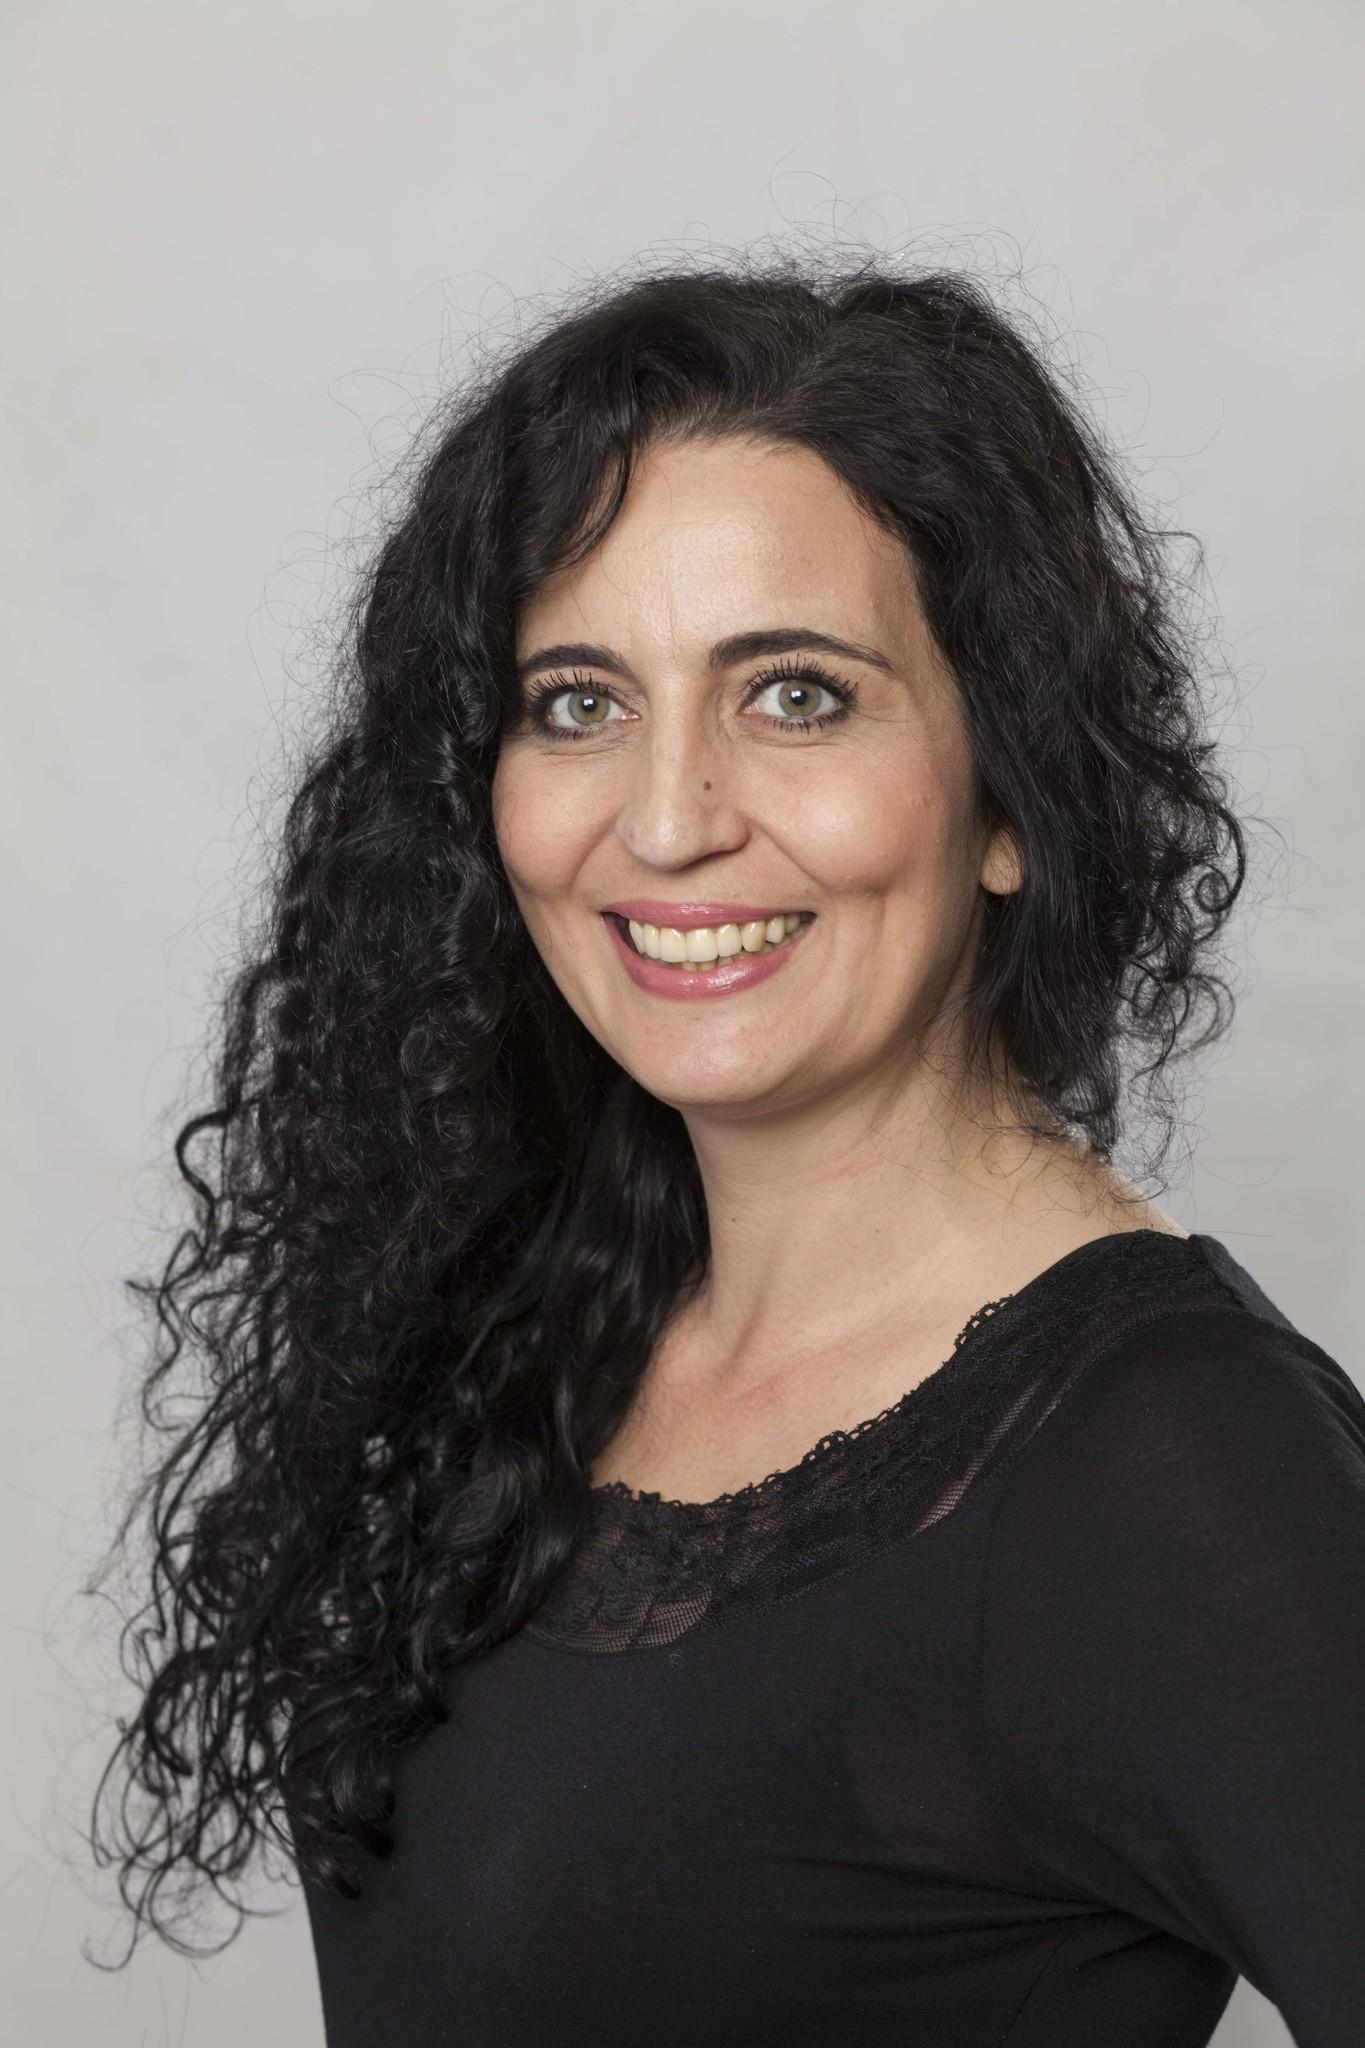 Susanne Kelber